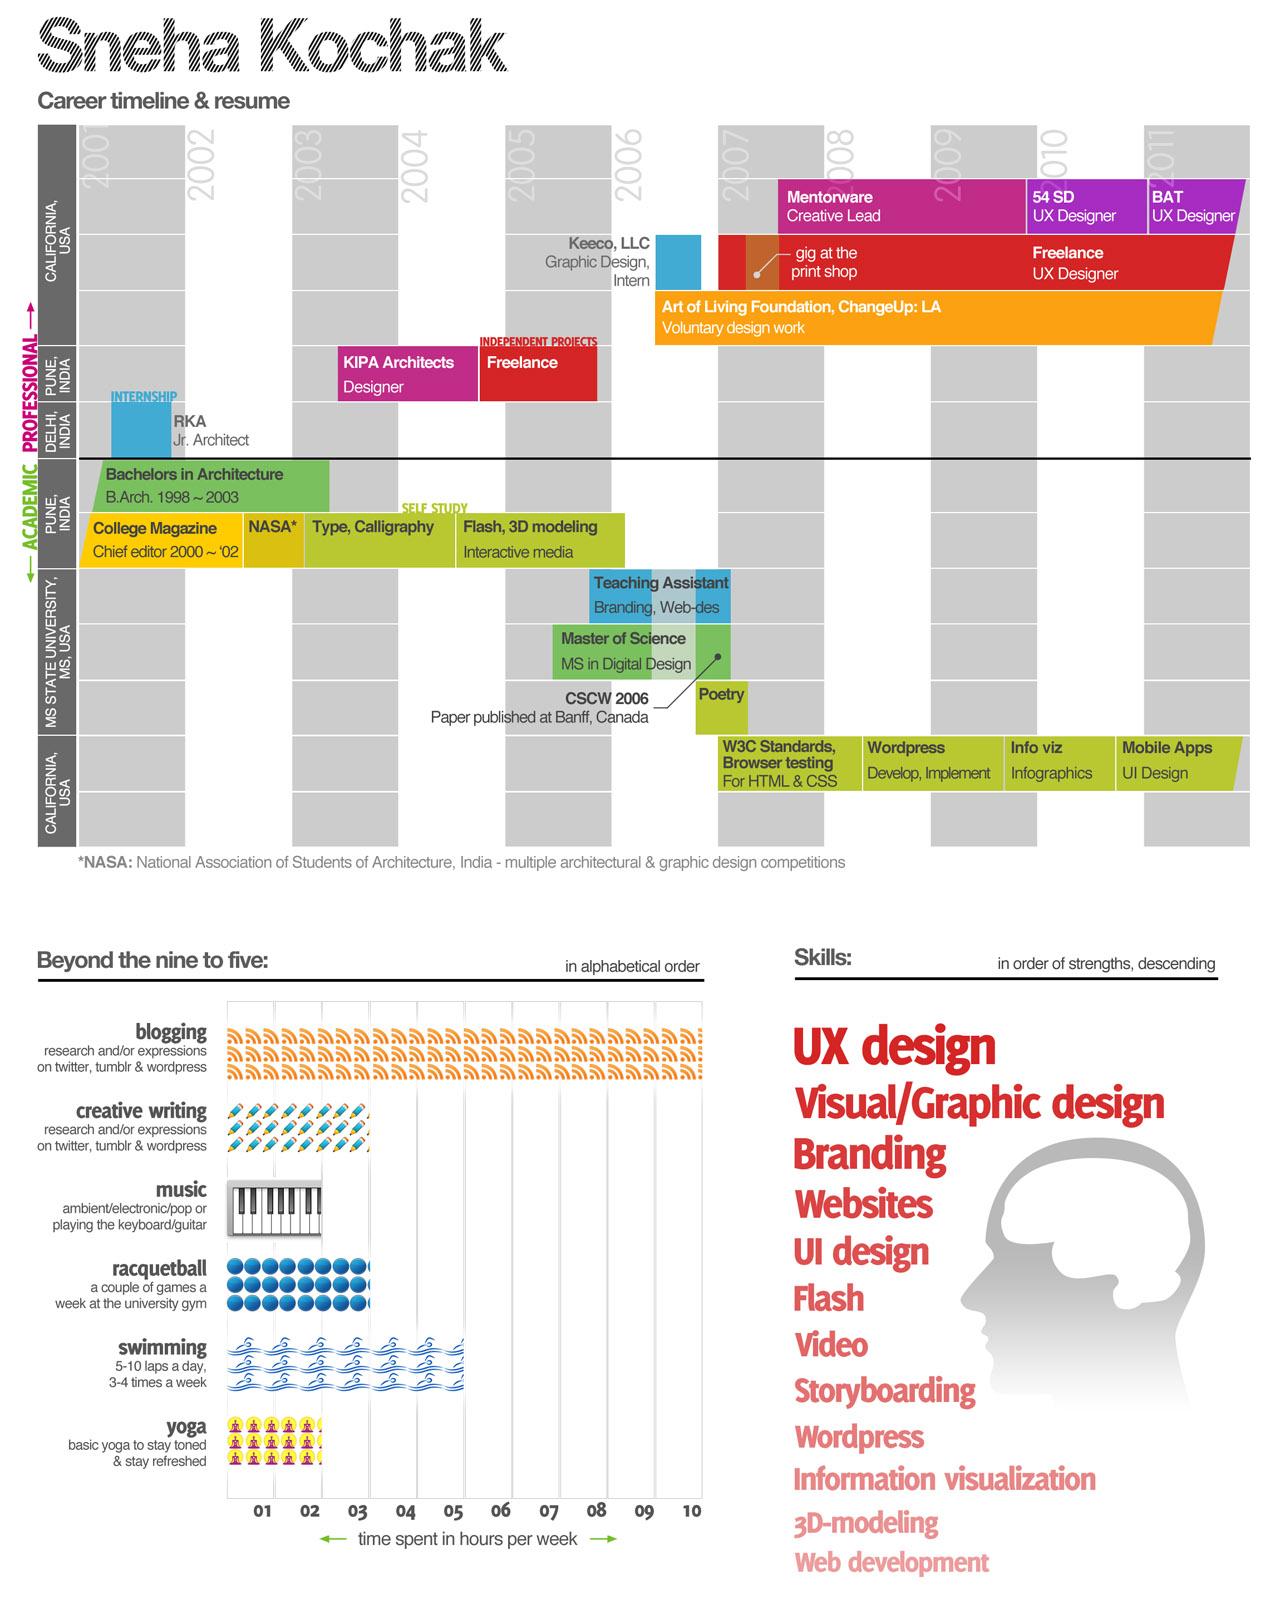 Infographic Resume - Sneha Kochak